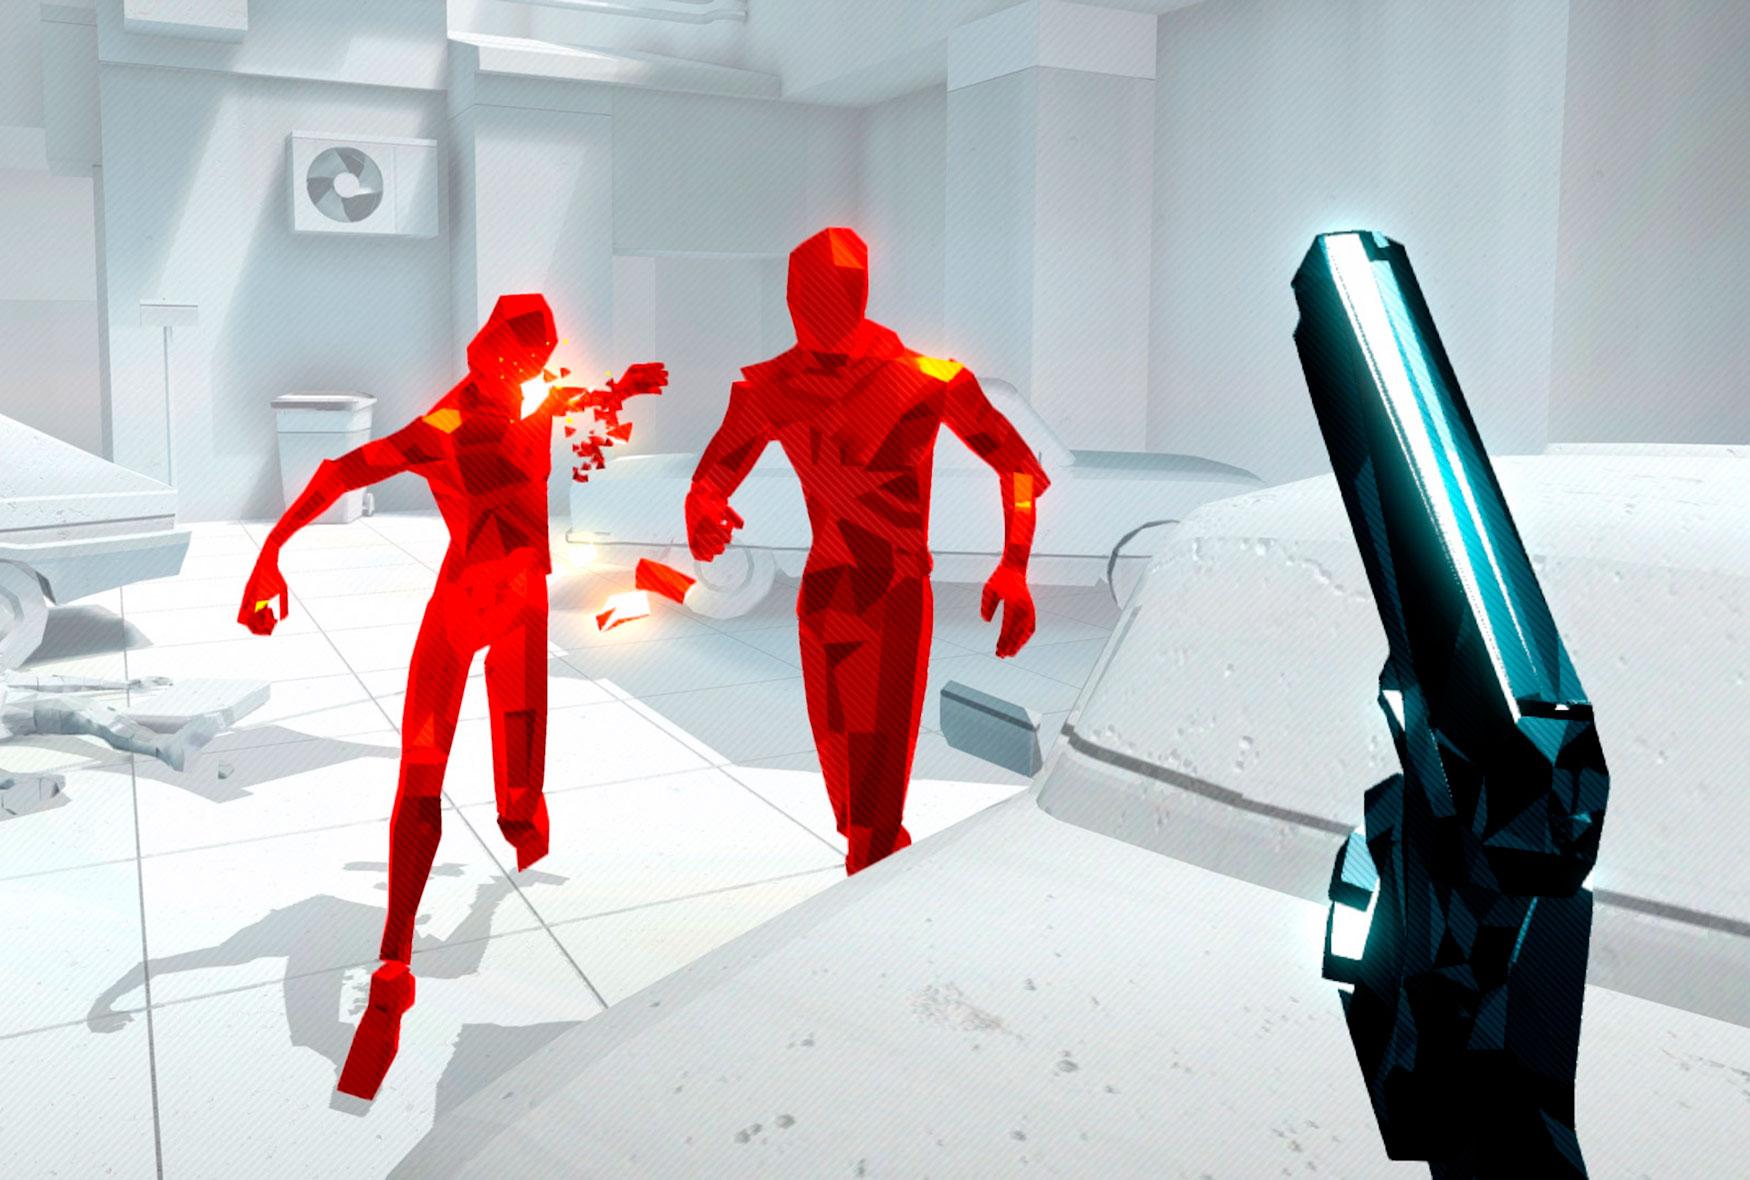 Перерезать провода: главные тренды игр в виртуальной реальности